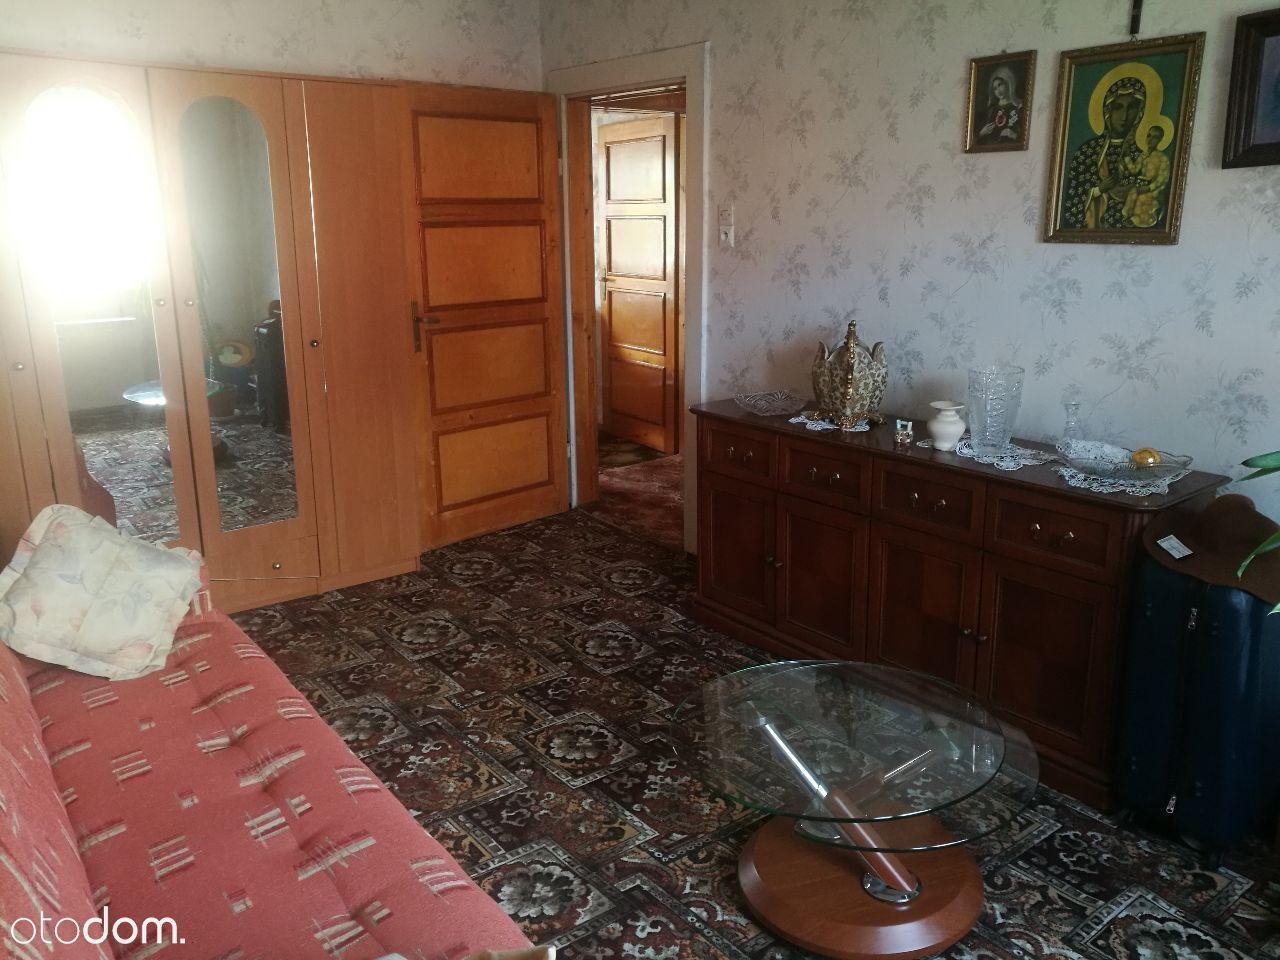 Mieszkanie na wynajem, Kłodzko, kłodzki, dolnośląskie - Foto 4